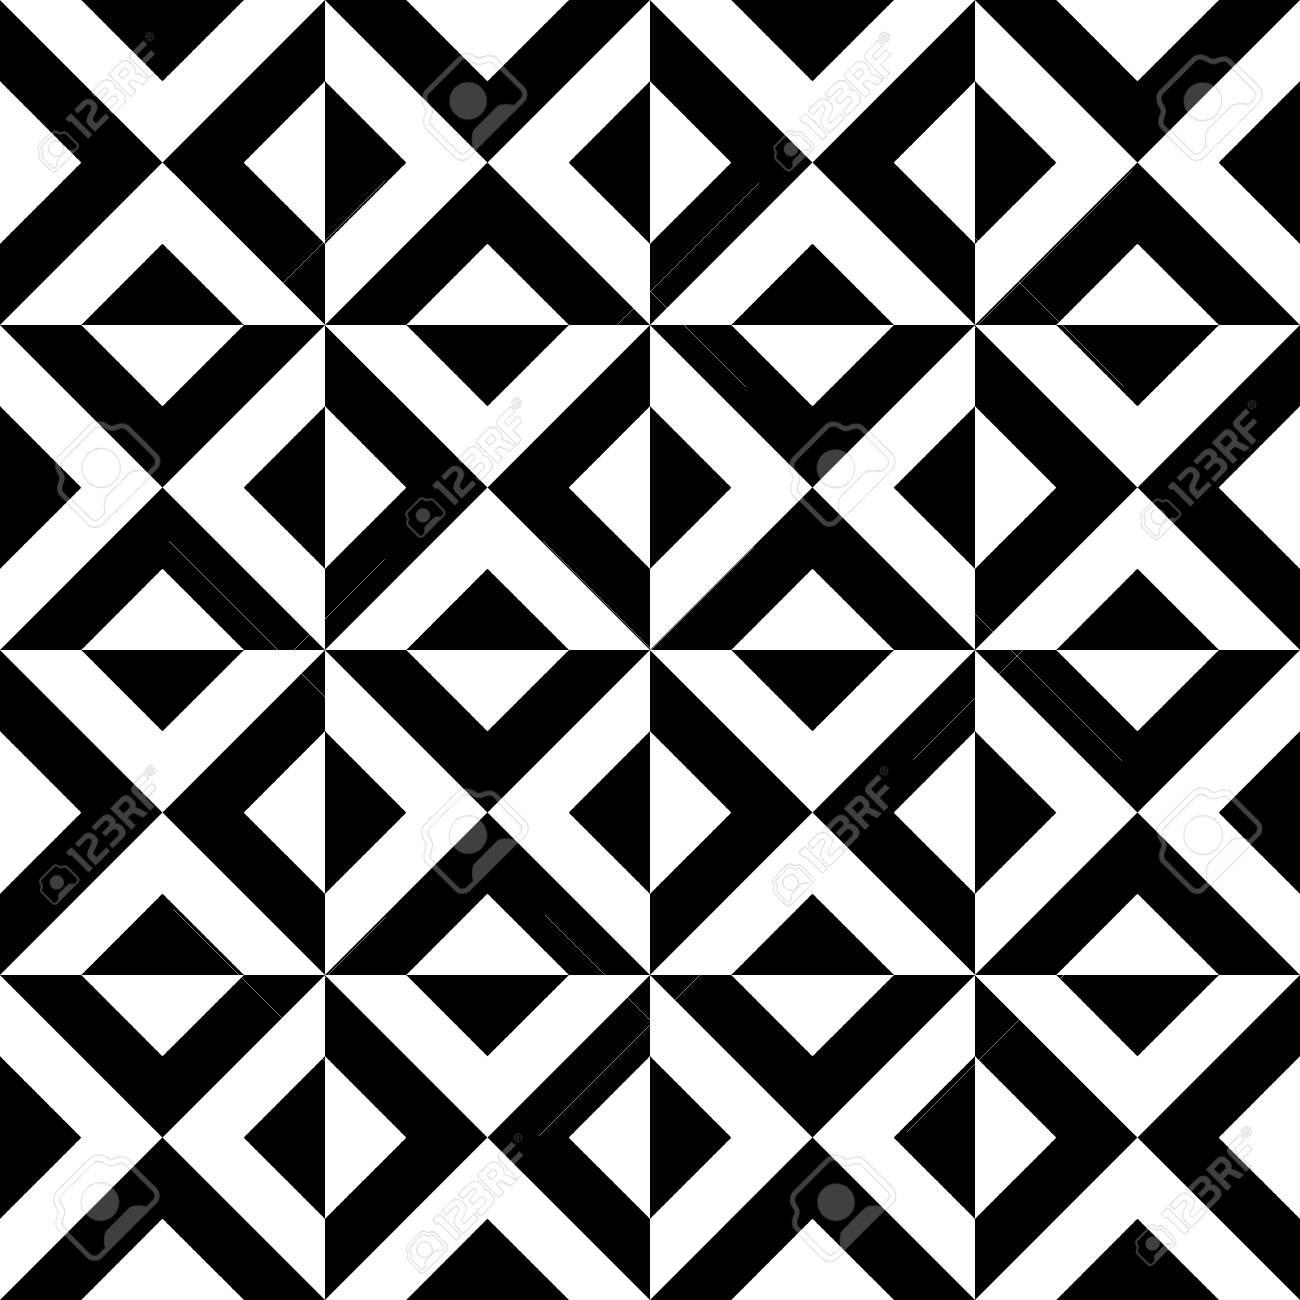 Banque Du0027images   Motifs Géométriques Arabes. Modèles Sans Couture De  Triangles Décoratifs Noir Et Blanc. Papier Peint Design Du0027intérieur.